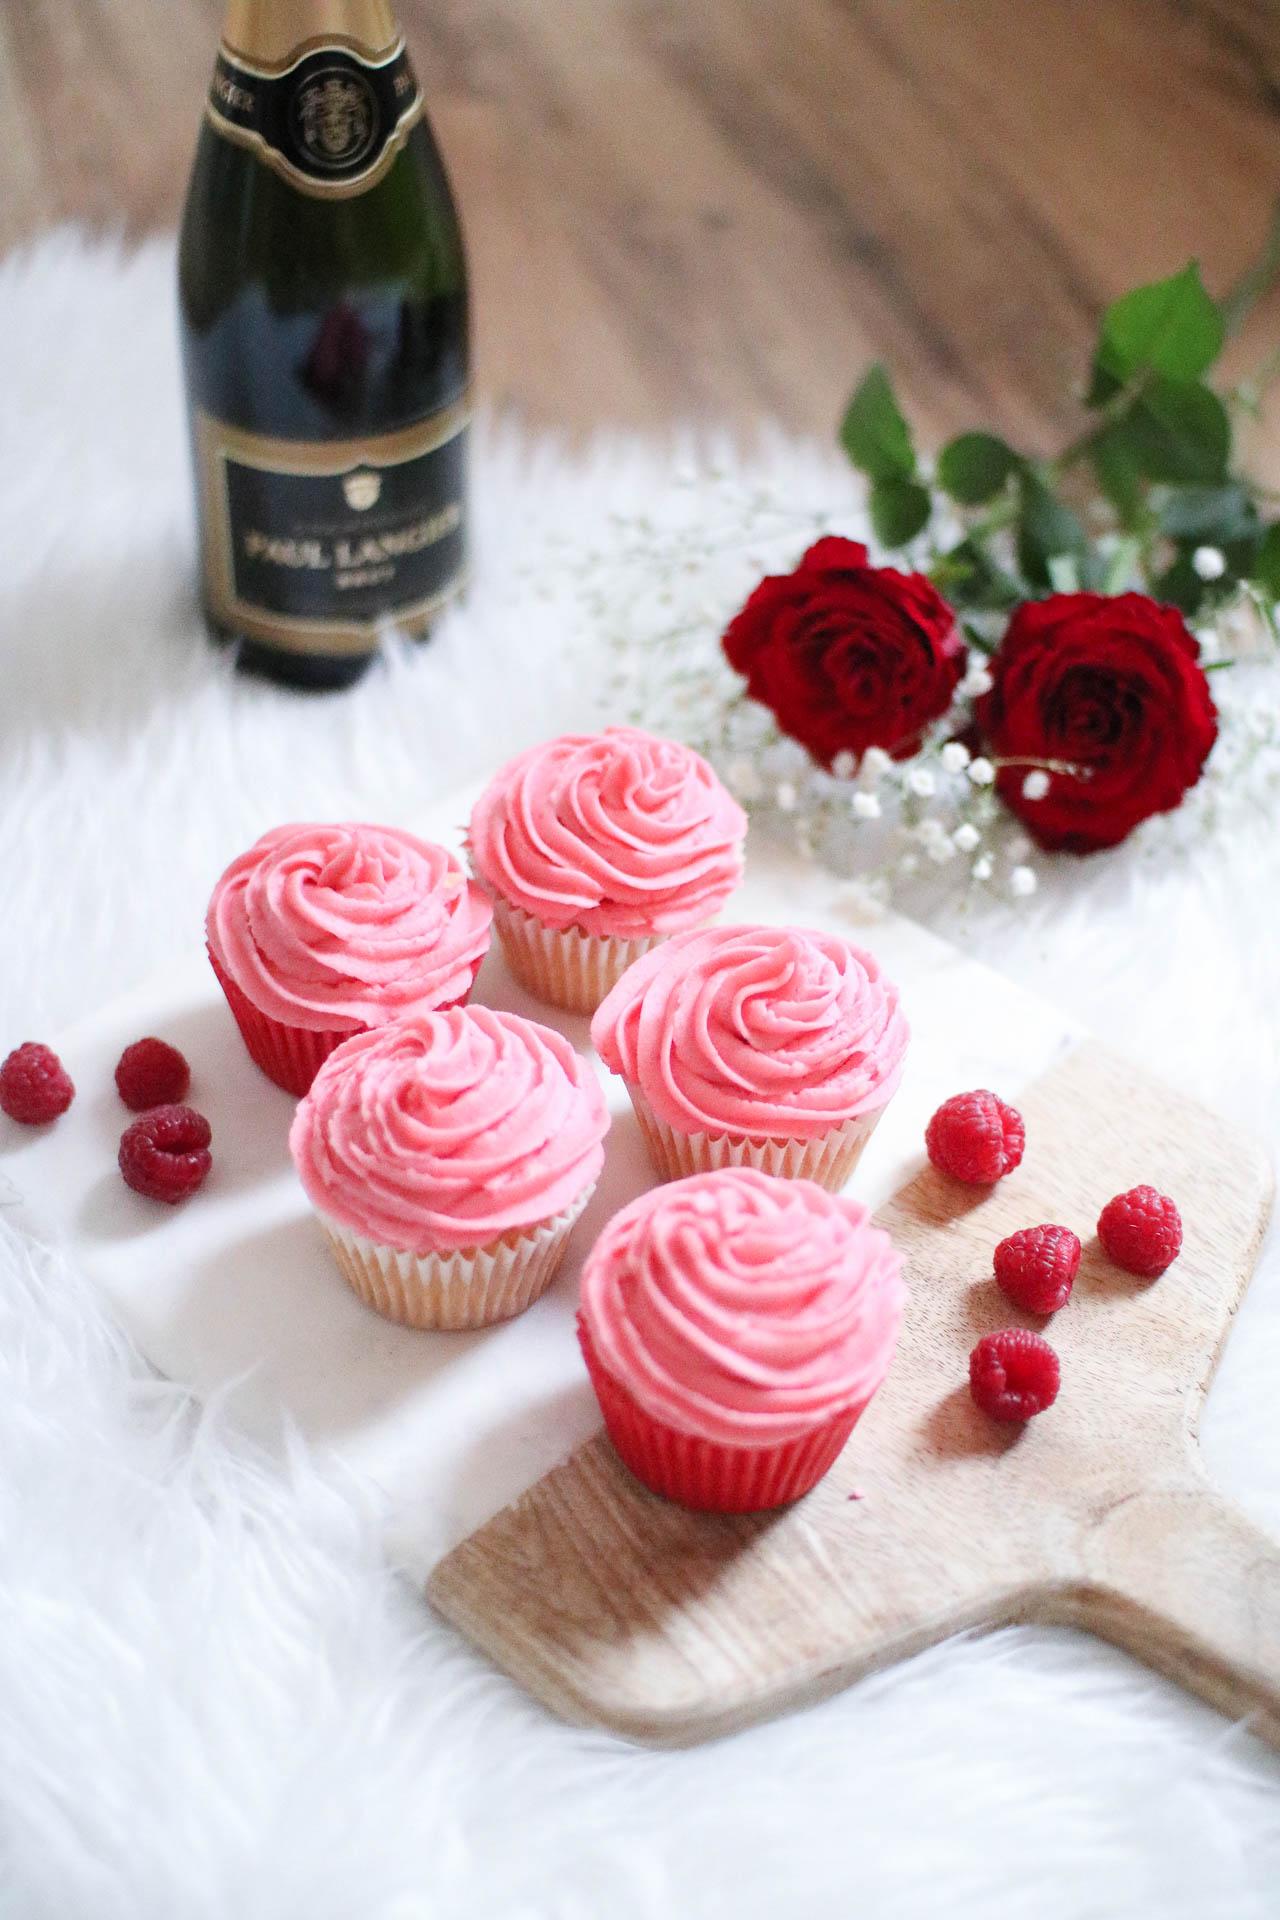 prosecco and raspberry cupcakes recipe